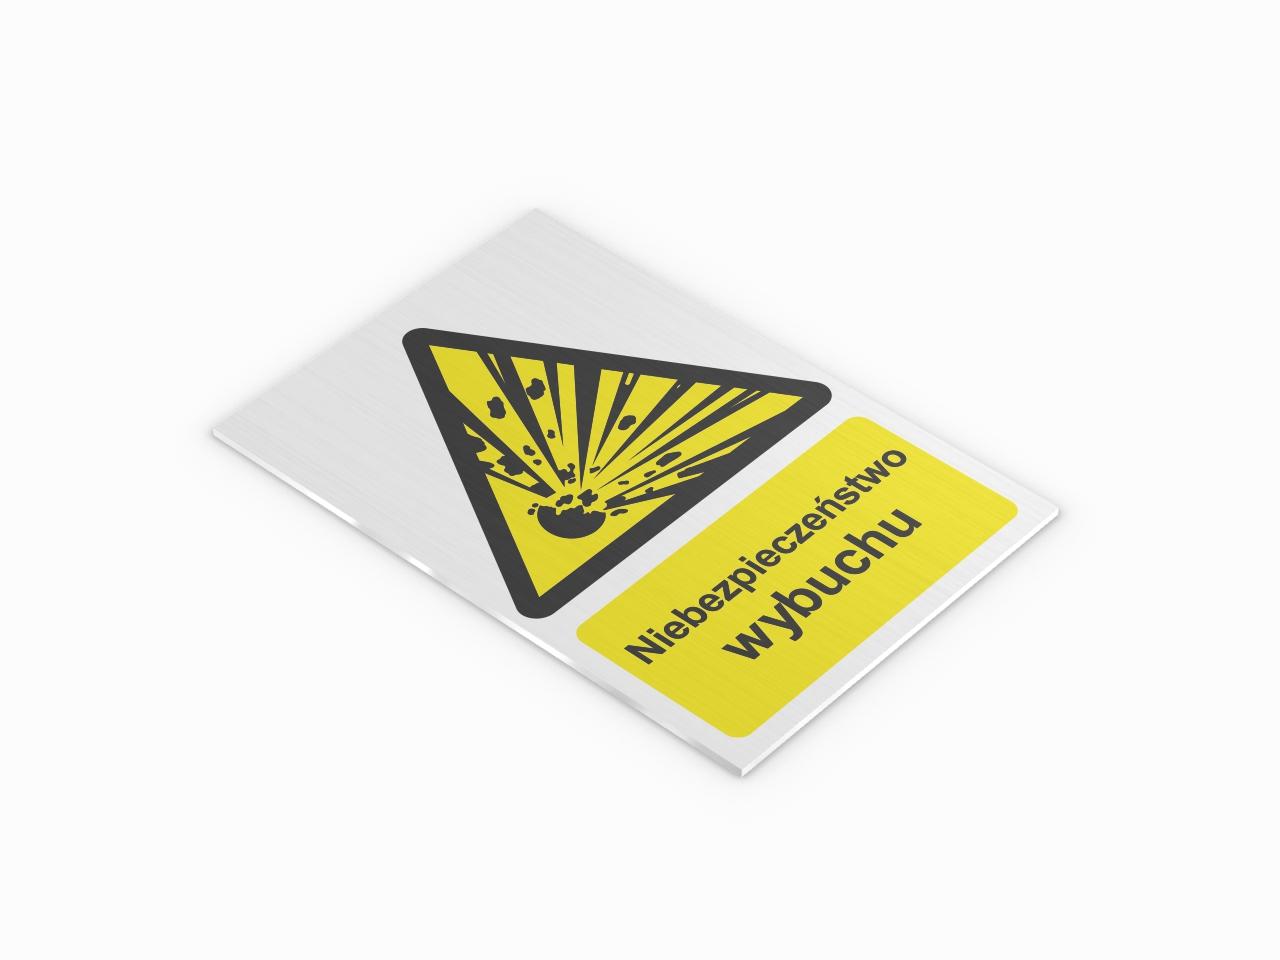 ostrzegawcza tabliczka aluminiowa niebezpieczeństwo wybuchu